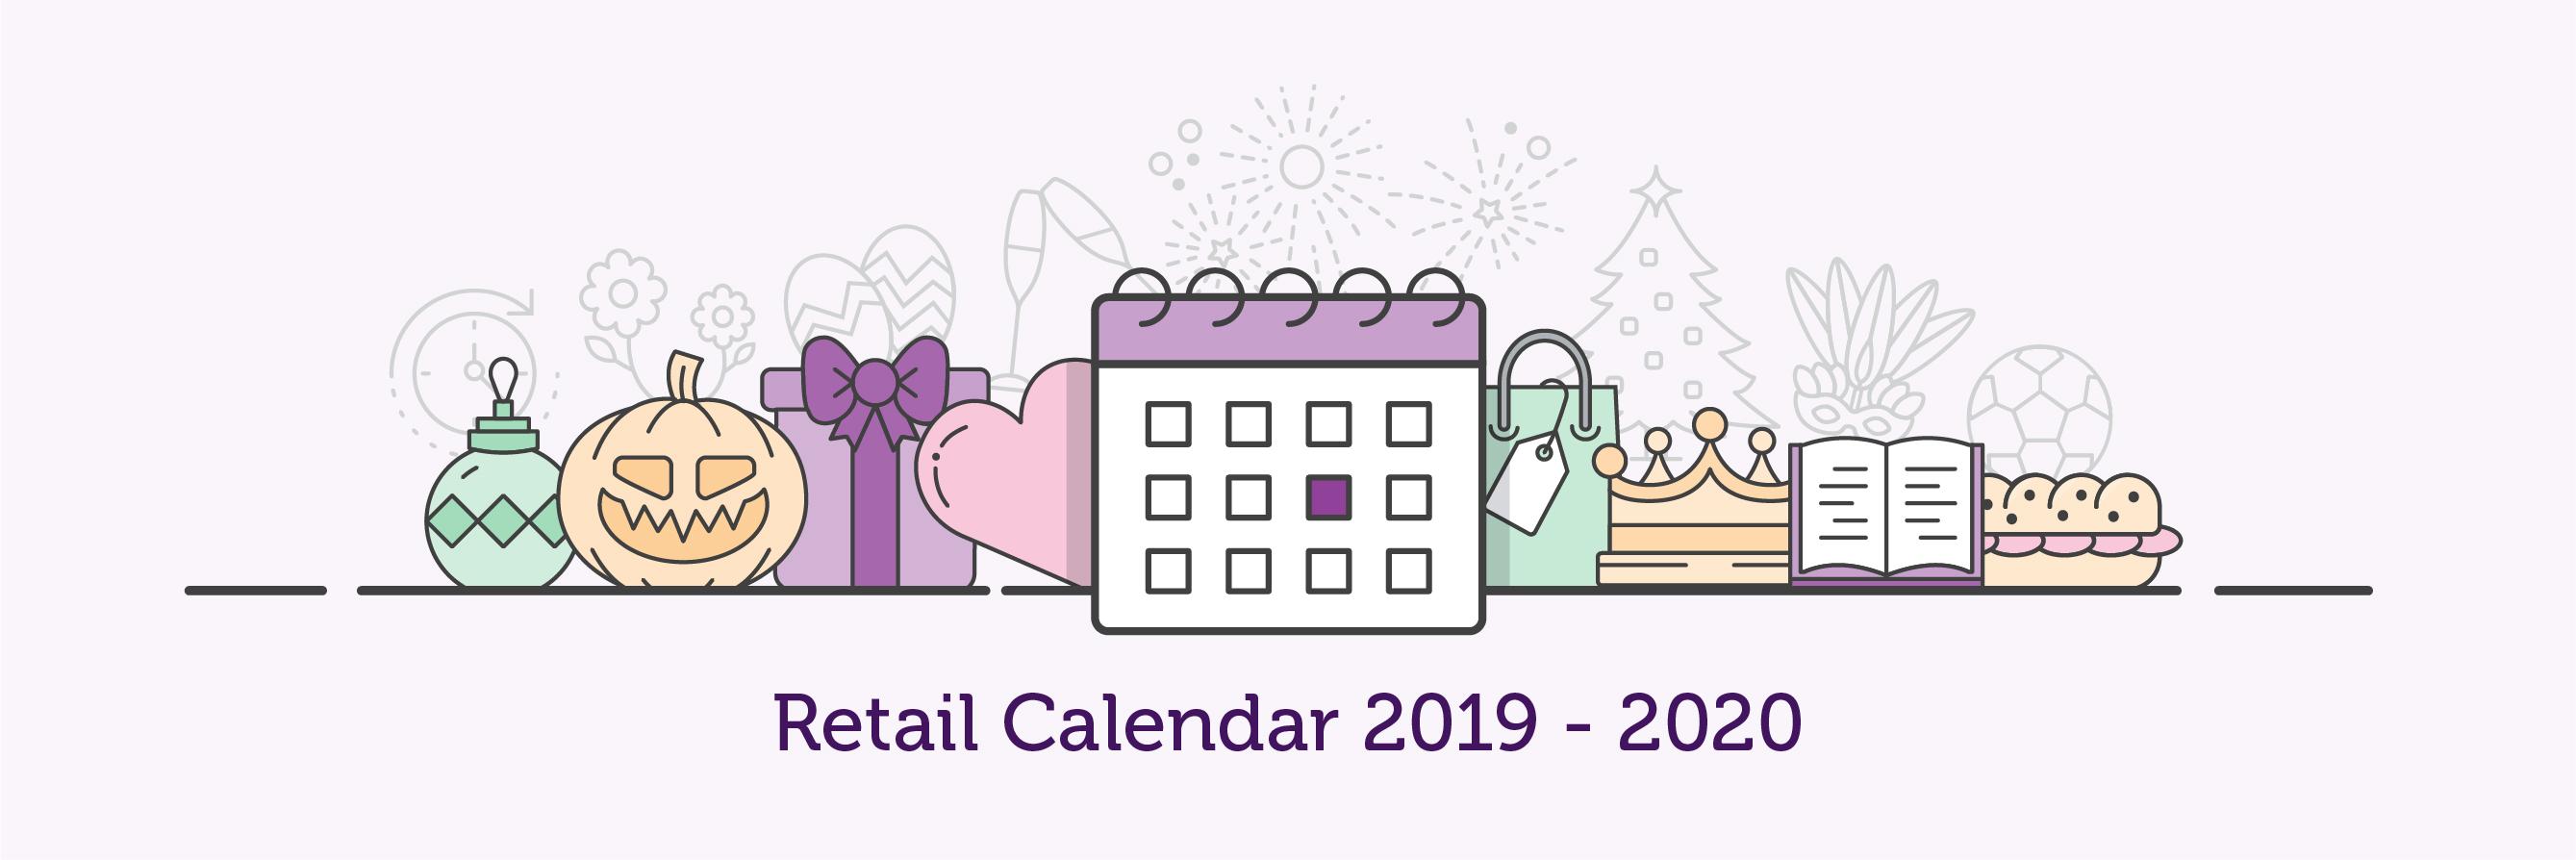 2019-20 retail calendar banner